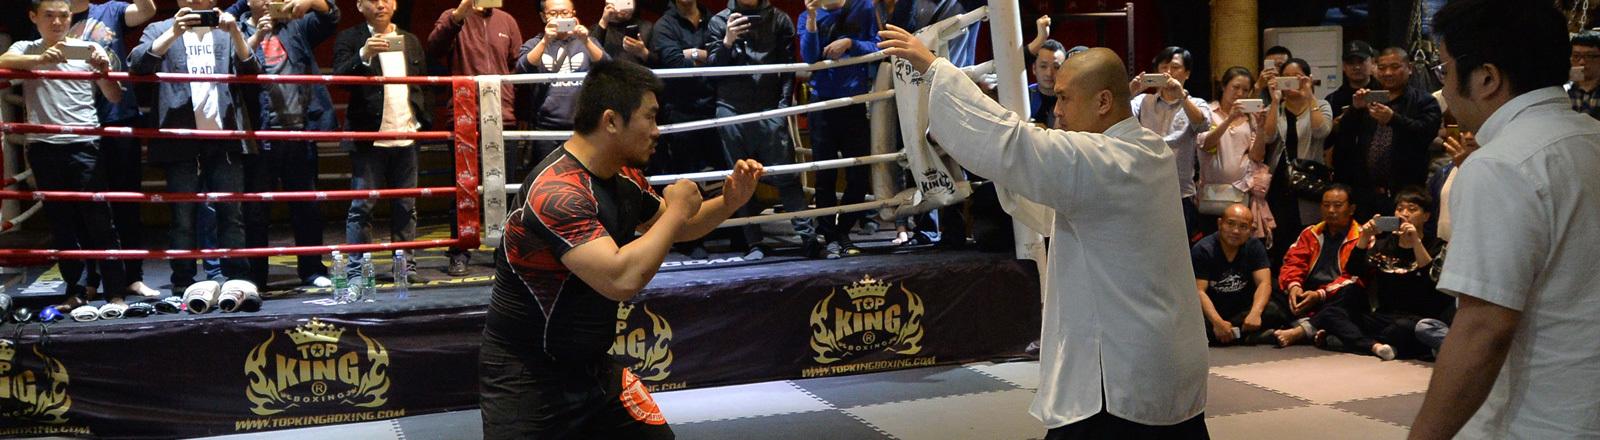 """Der chinesische Tai Chi-""""Meister"""" Wei Lei,rechts, kämpft gegen den im Ruhestand befindlichen Mixed Martial Arts Boxer Xu Xiaodong in Chengdu City, südwestchinesische Provinz Sichuan, 27. April 2017."""